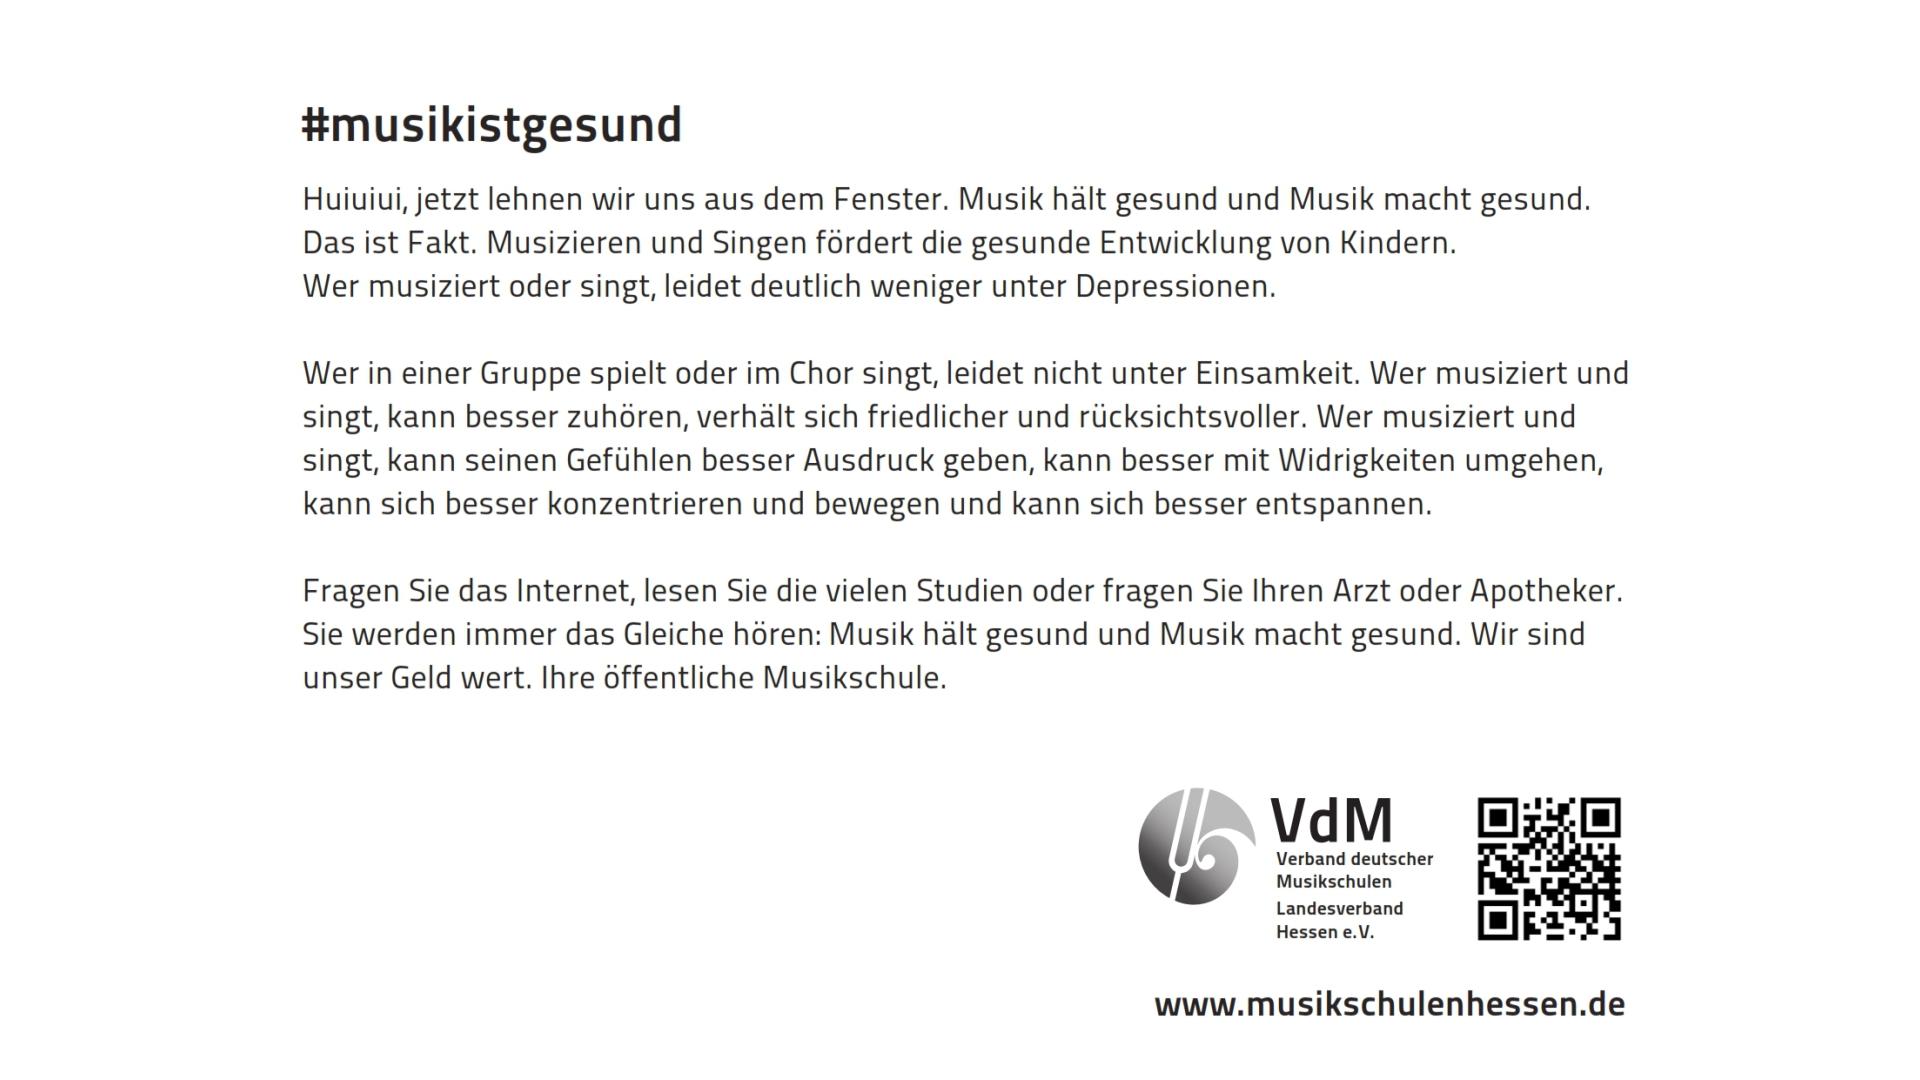 #musikistgesund | Öffentlichkeitsarbeit für die Musikschulen im VdM Hessen